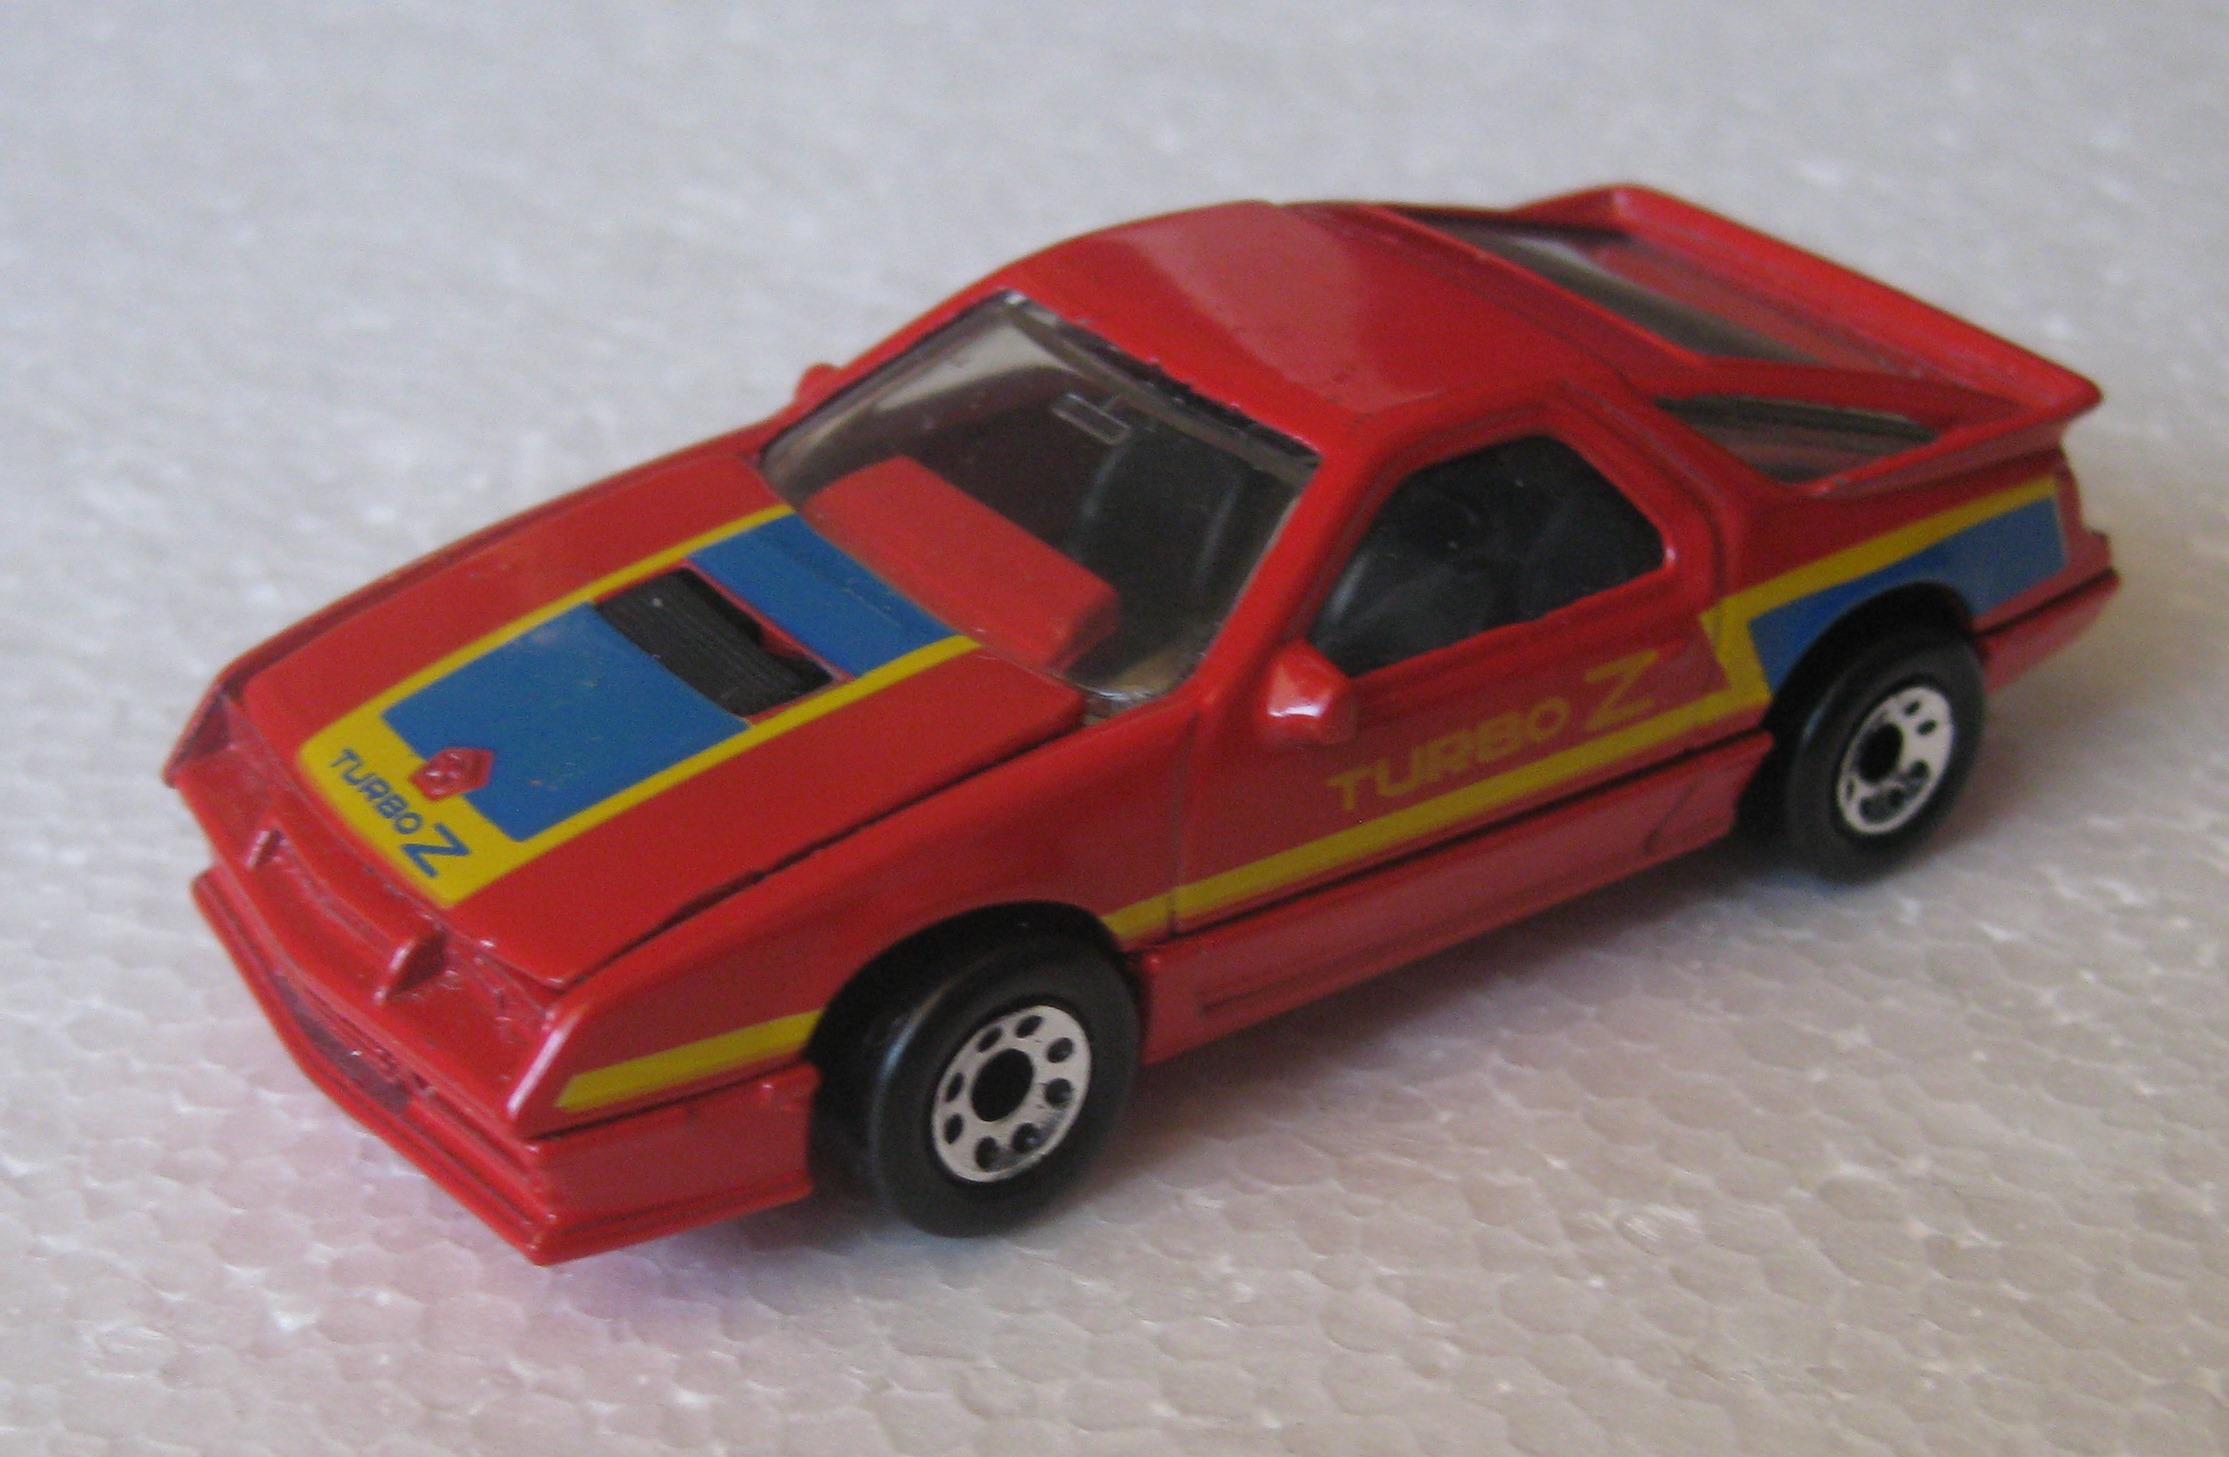 1984 Dodge Daytona Turbo Z | Matchbox Cars Wiki | FANDOM powered by